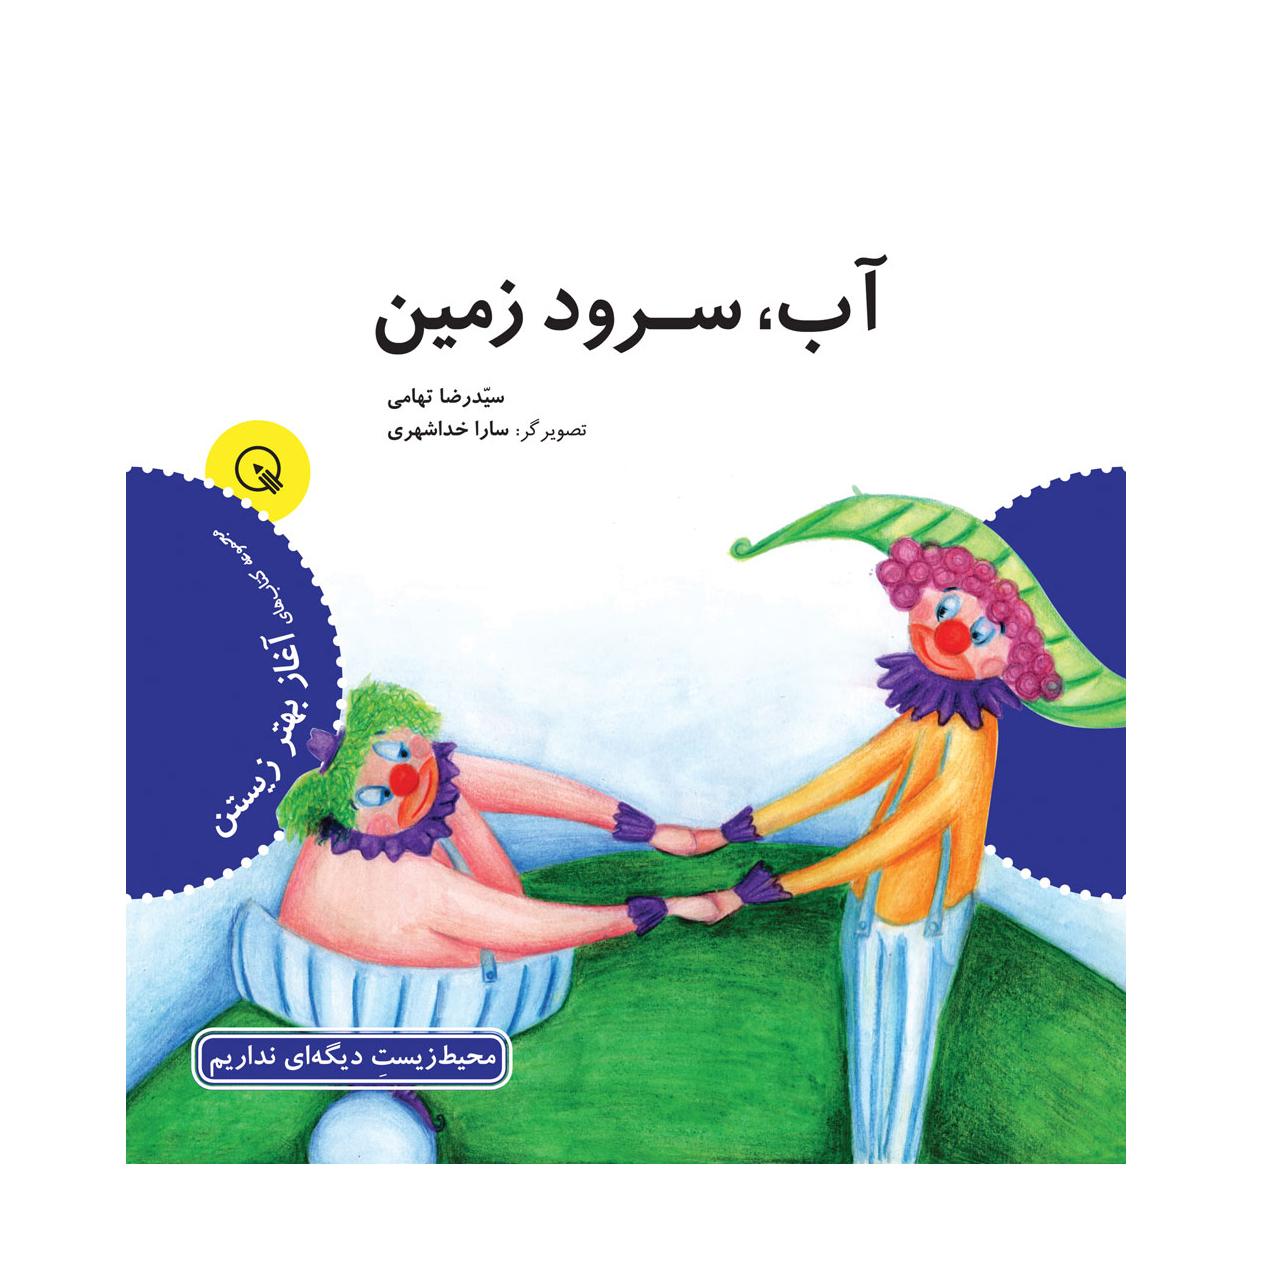 کتاب آب سرود زمین اثر سیدرضا تهامی